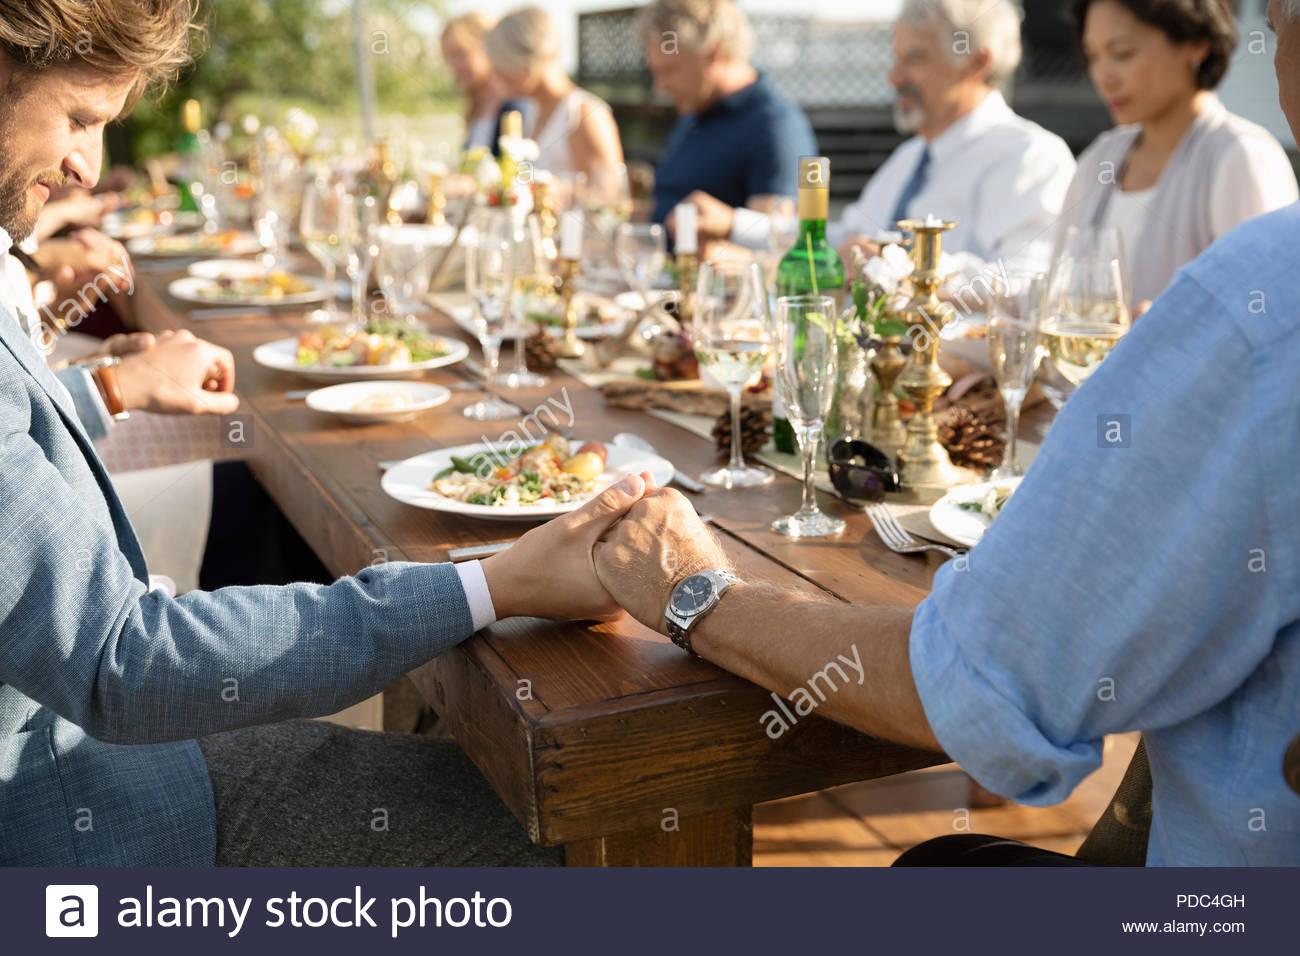 Vater und Sohn halten sich an den Händen während des Gebets im Garden Party Mittagessen Stockbild